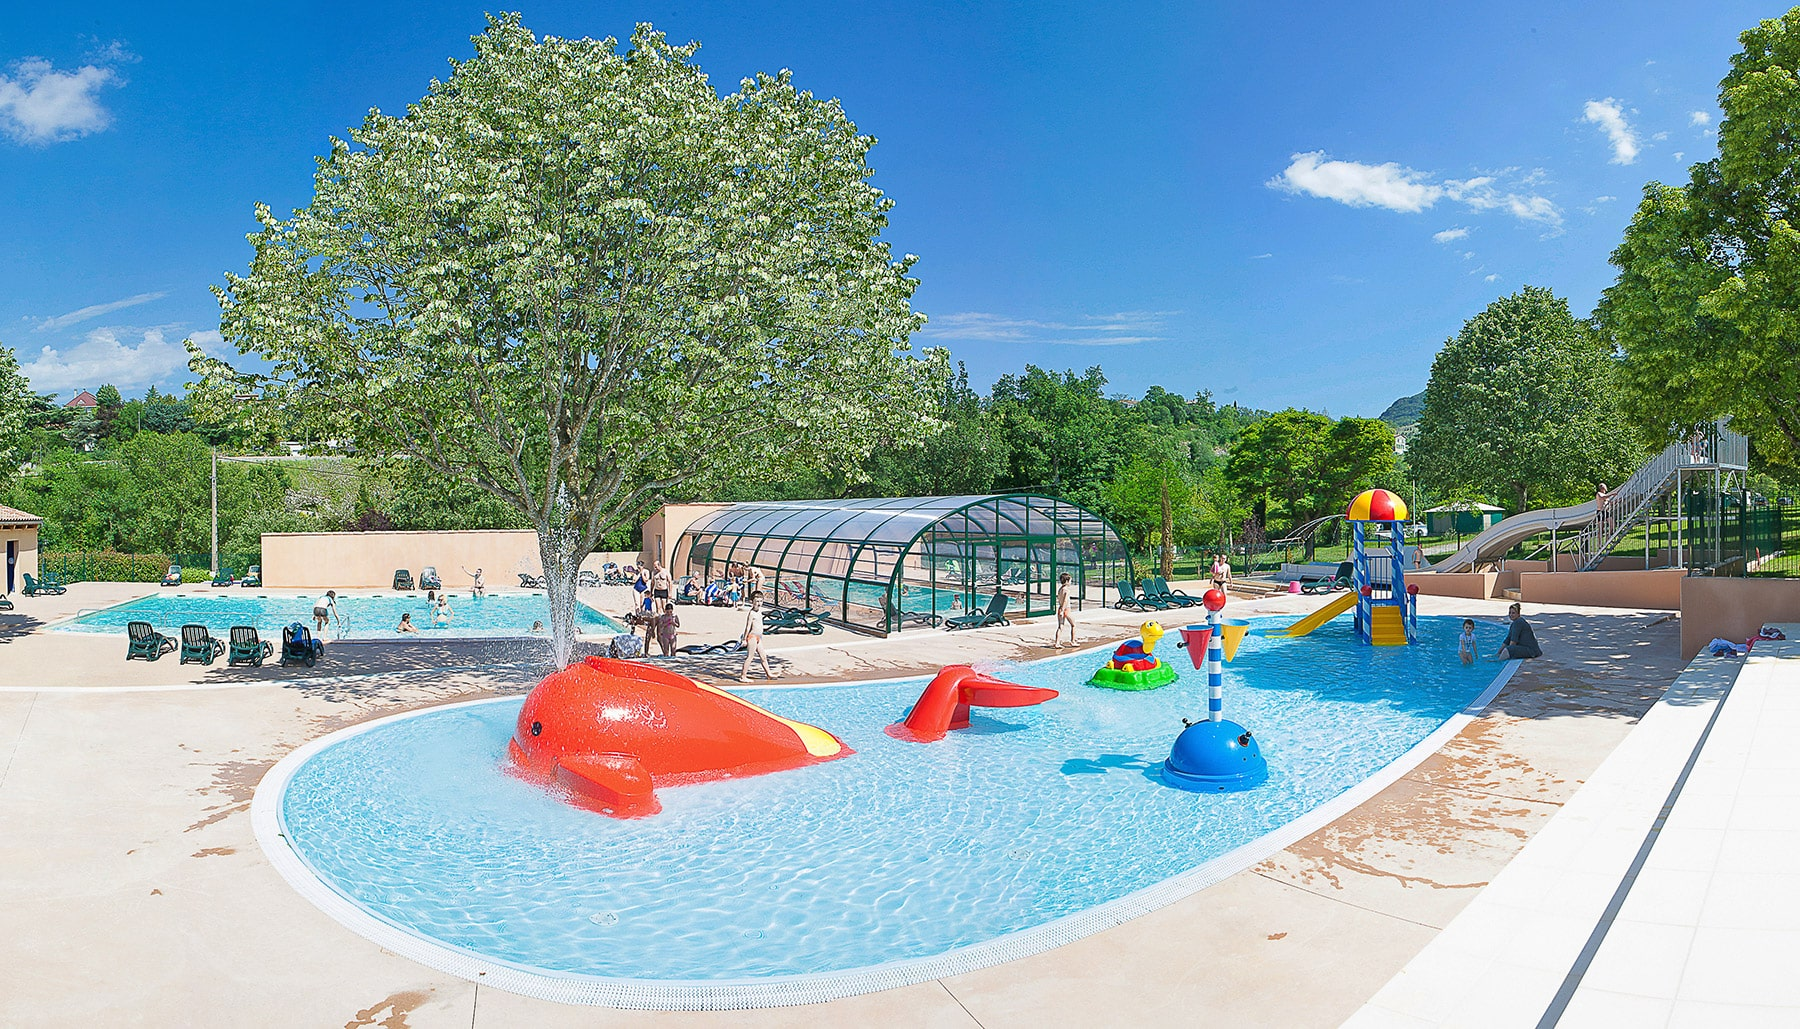 Camping ardeche parc aquatique piscine couverte chauff e - Camping en ardeche avec piscine et toboggan ...